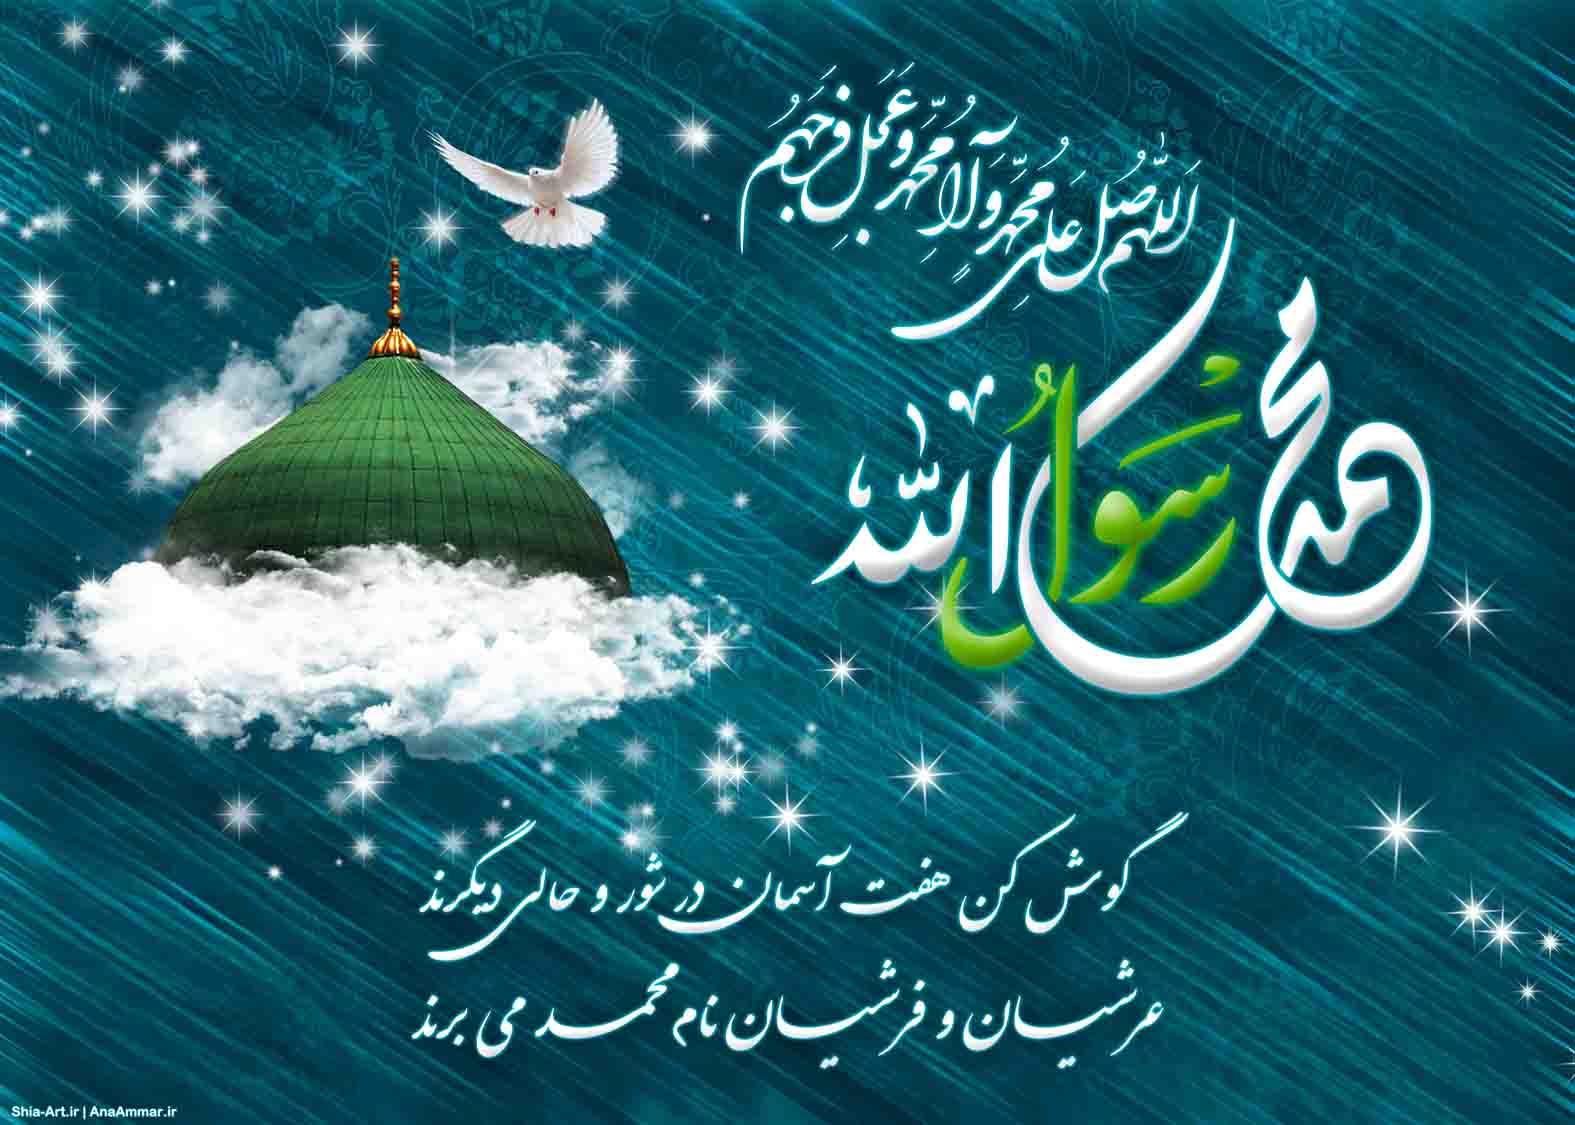 بنر و پوستر ولادت حضرت محمد (ص)